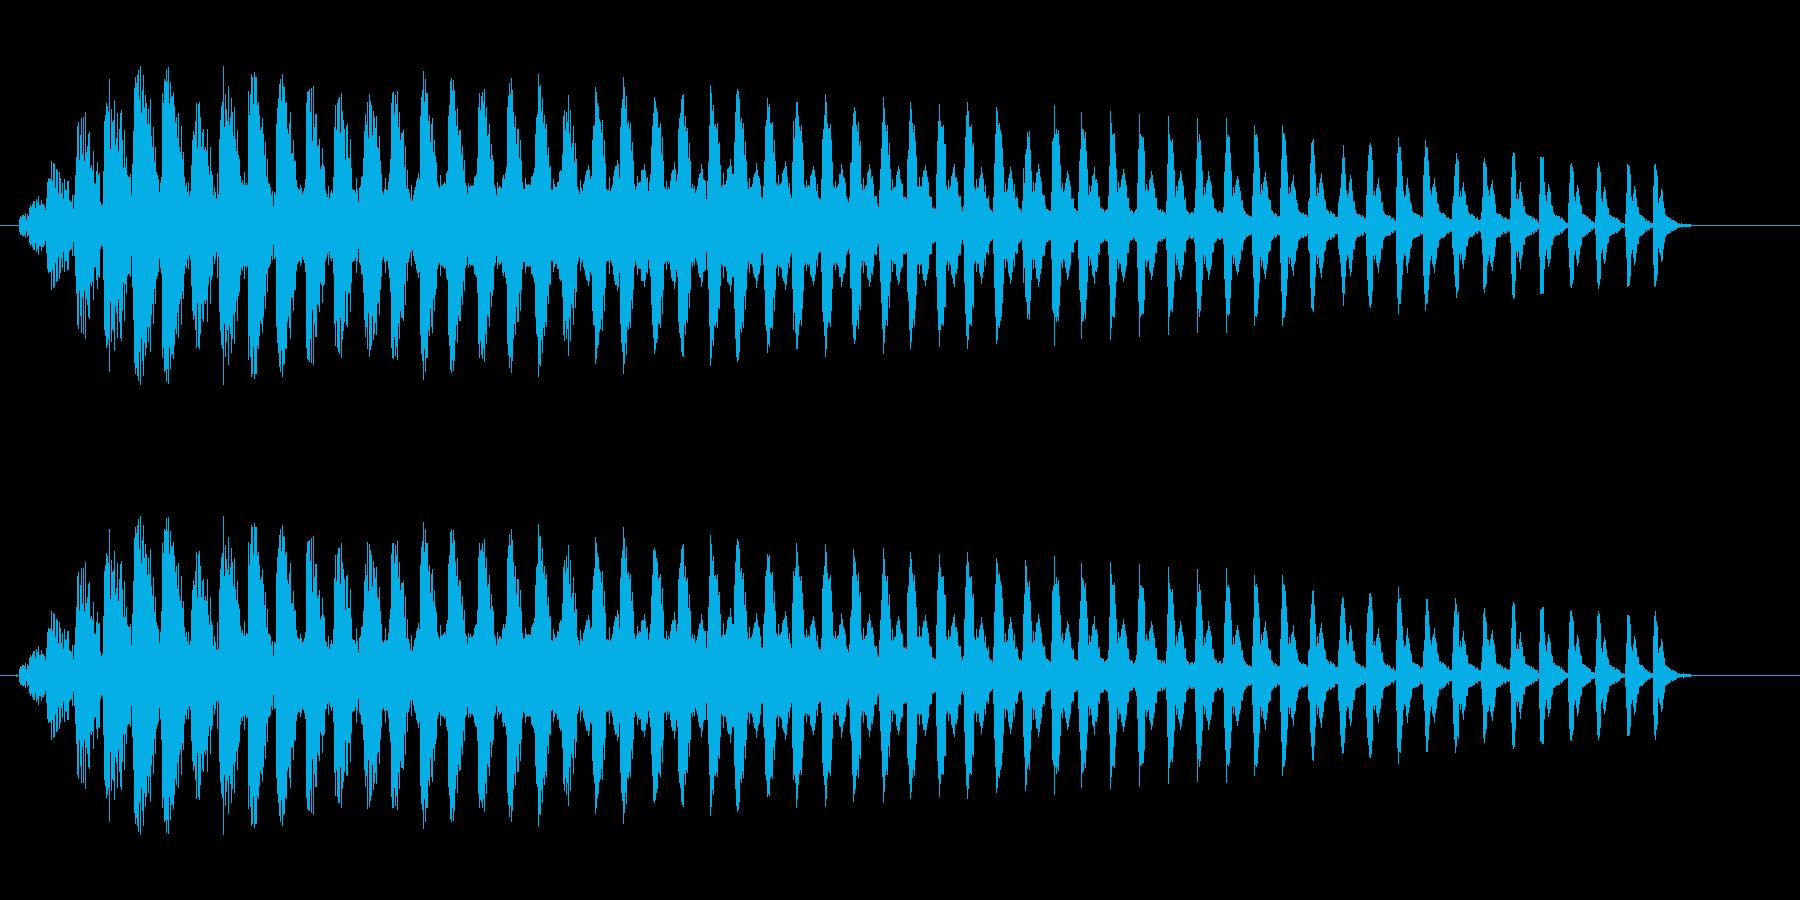 ビョーンと首をひねった音の再生済みの波形